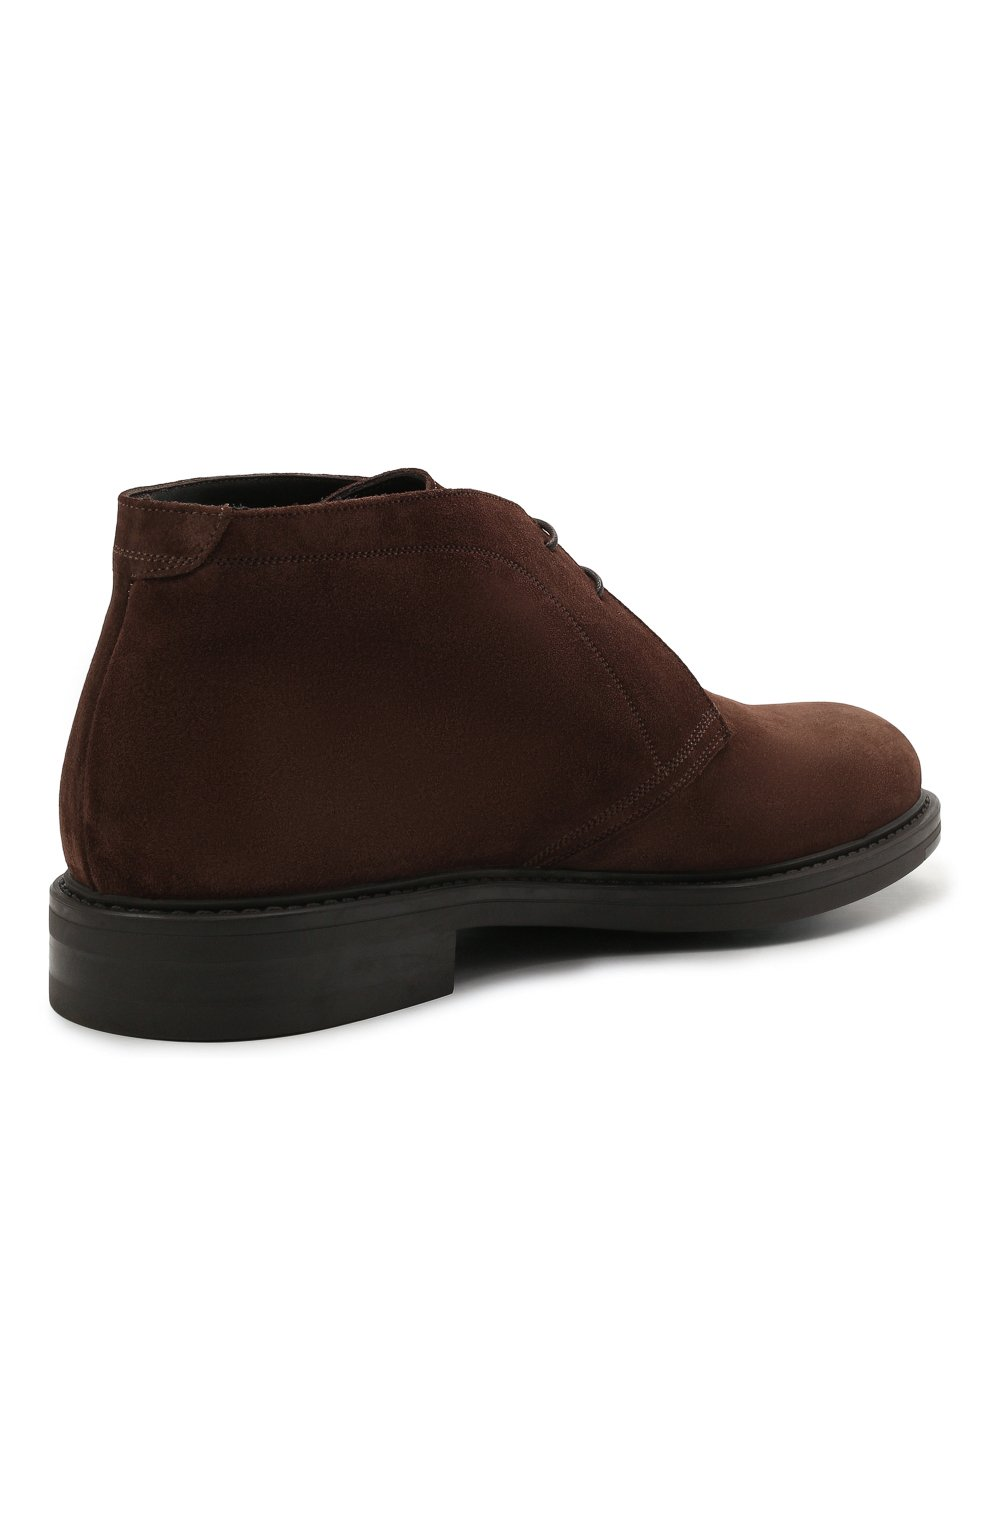 Мужские замшевые ботинки W.GIBBS коричневого цвета, арт. 3169005/2572 | Фото 4 (Материал утеплителя: Натуральный мех; Мужское Кросс-КТ: Ботинки-обувь, Дезерты-обувь, зимние ботинки; Подошва: Плоская; Материал внешний: Замша)